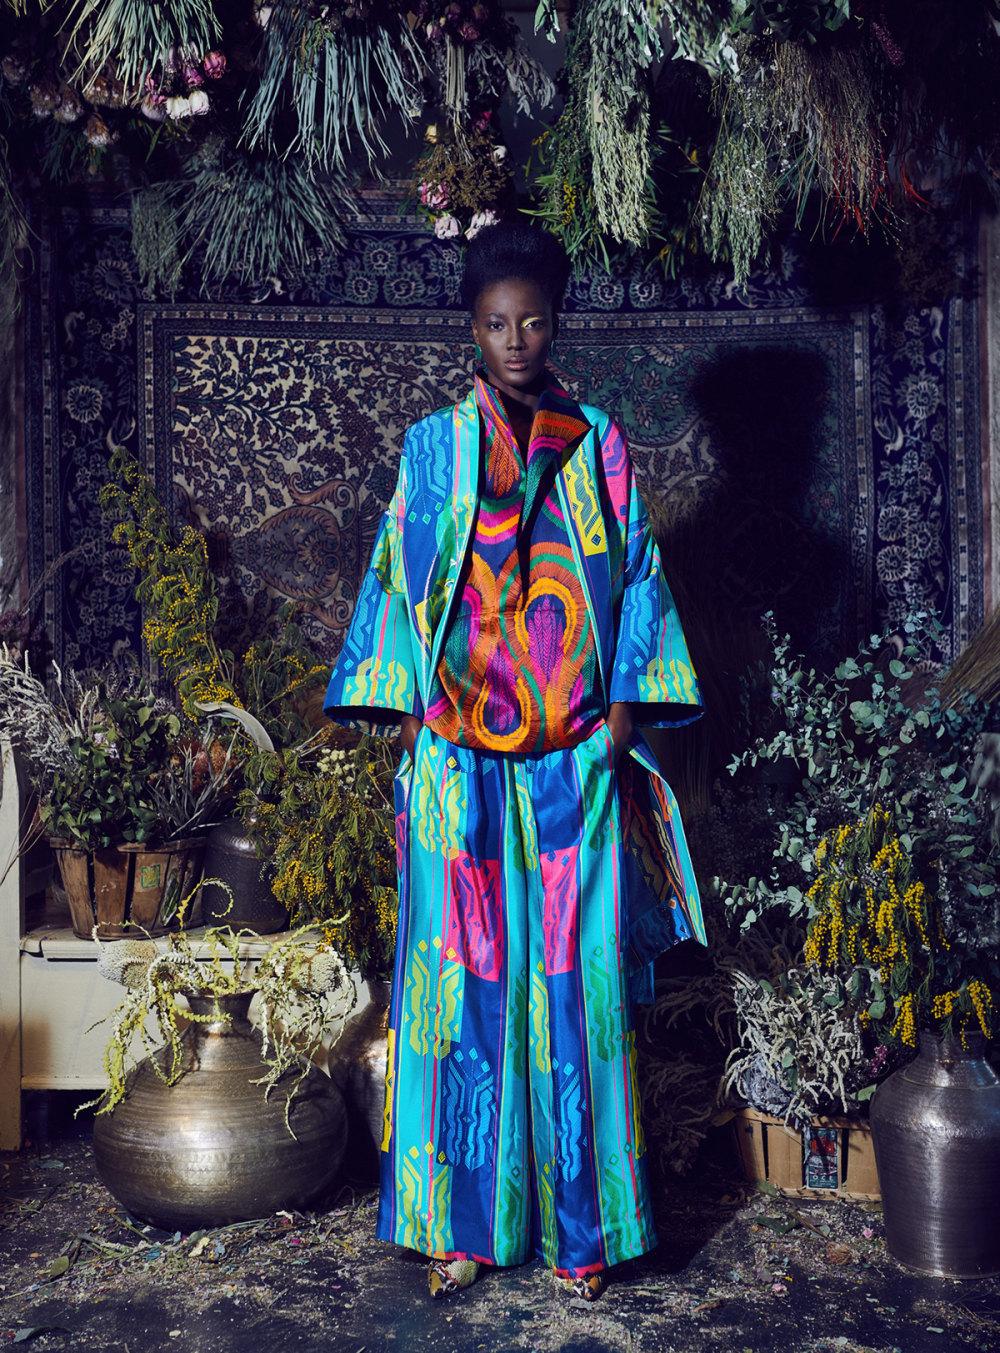 Rianna+Nina时装系列定制的夹克和金属光泽的七分裤定义未来主义-24.jpg